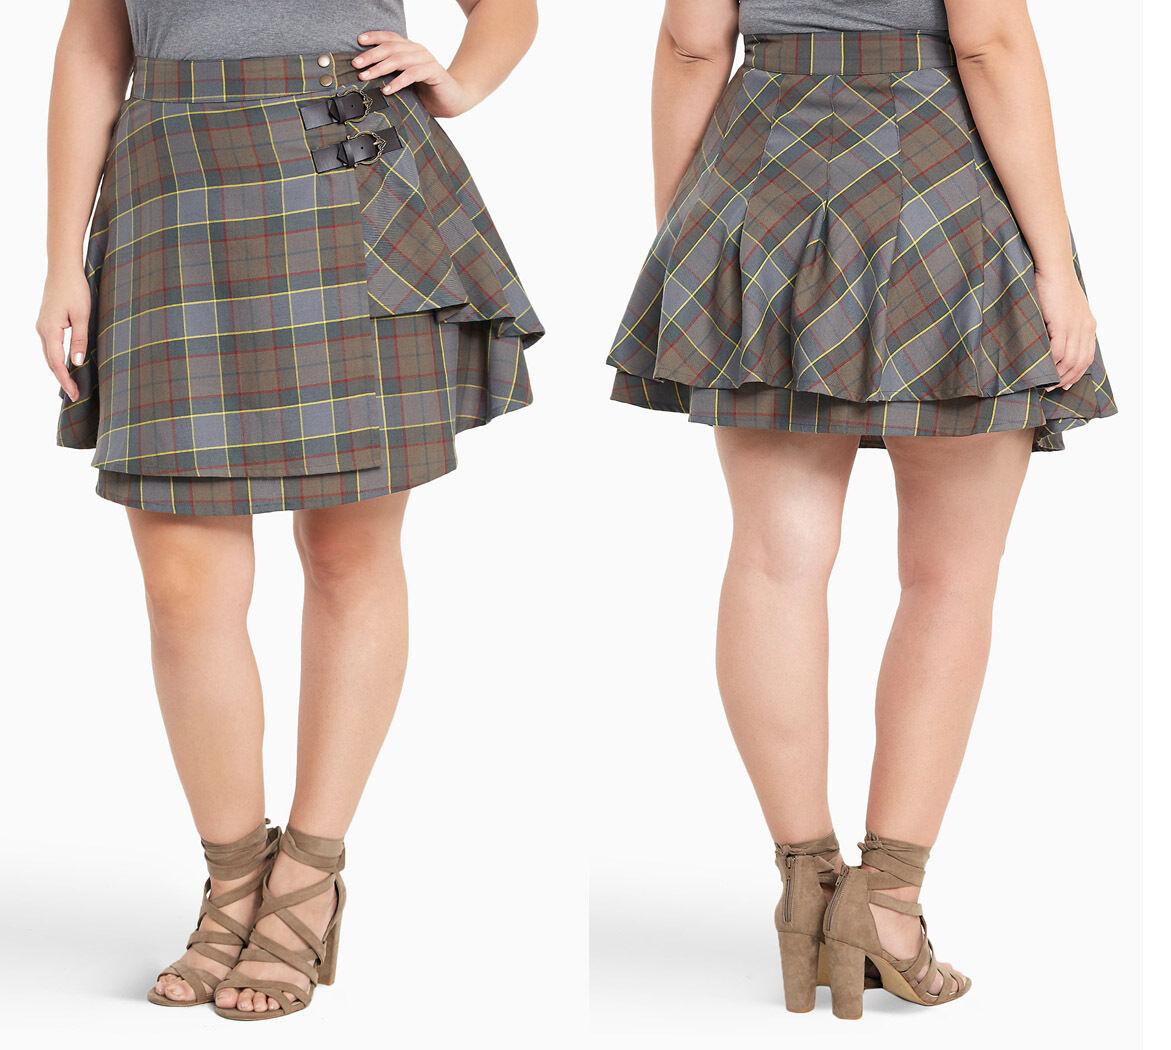 Torrid  Outlander  Claire Fraser Plaid Tartan Skirt Kilt Womens Plus Sizes 14-24